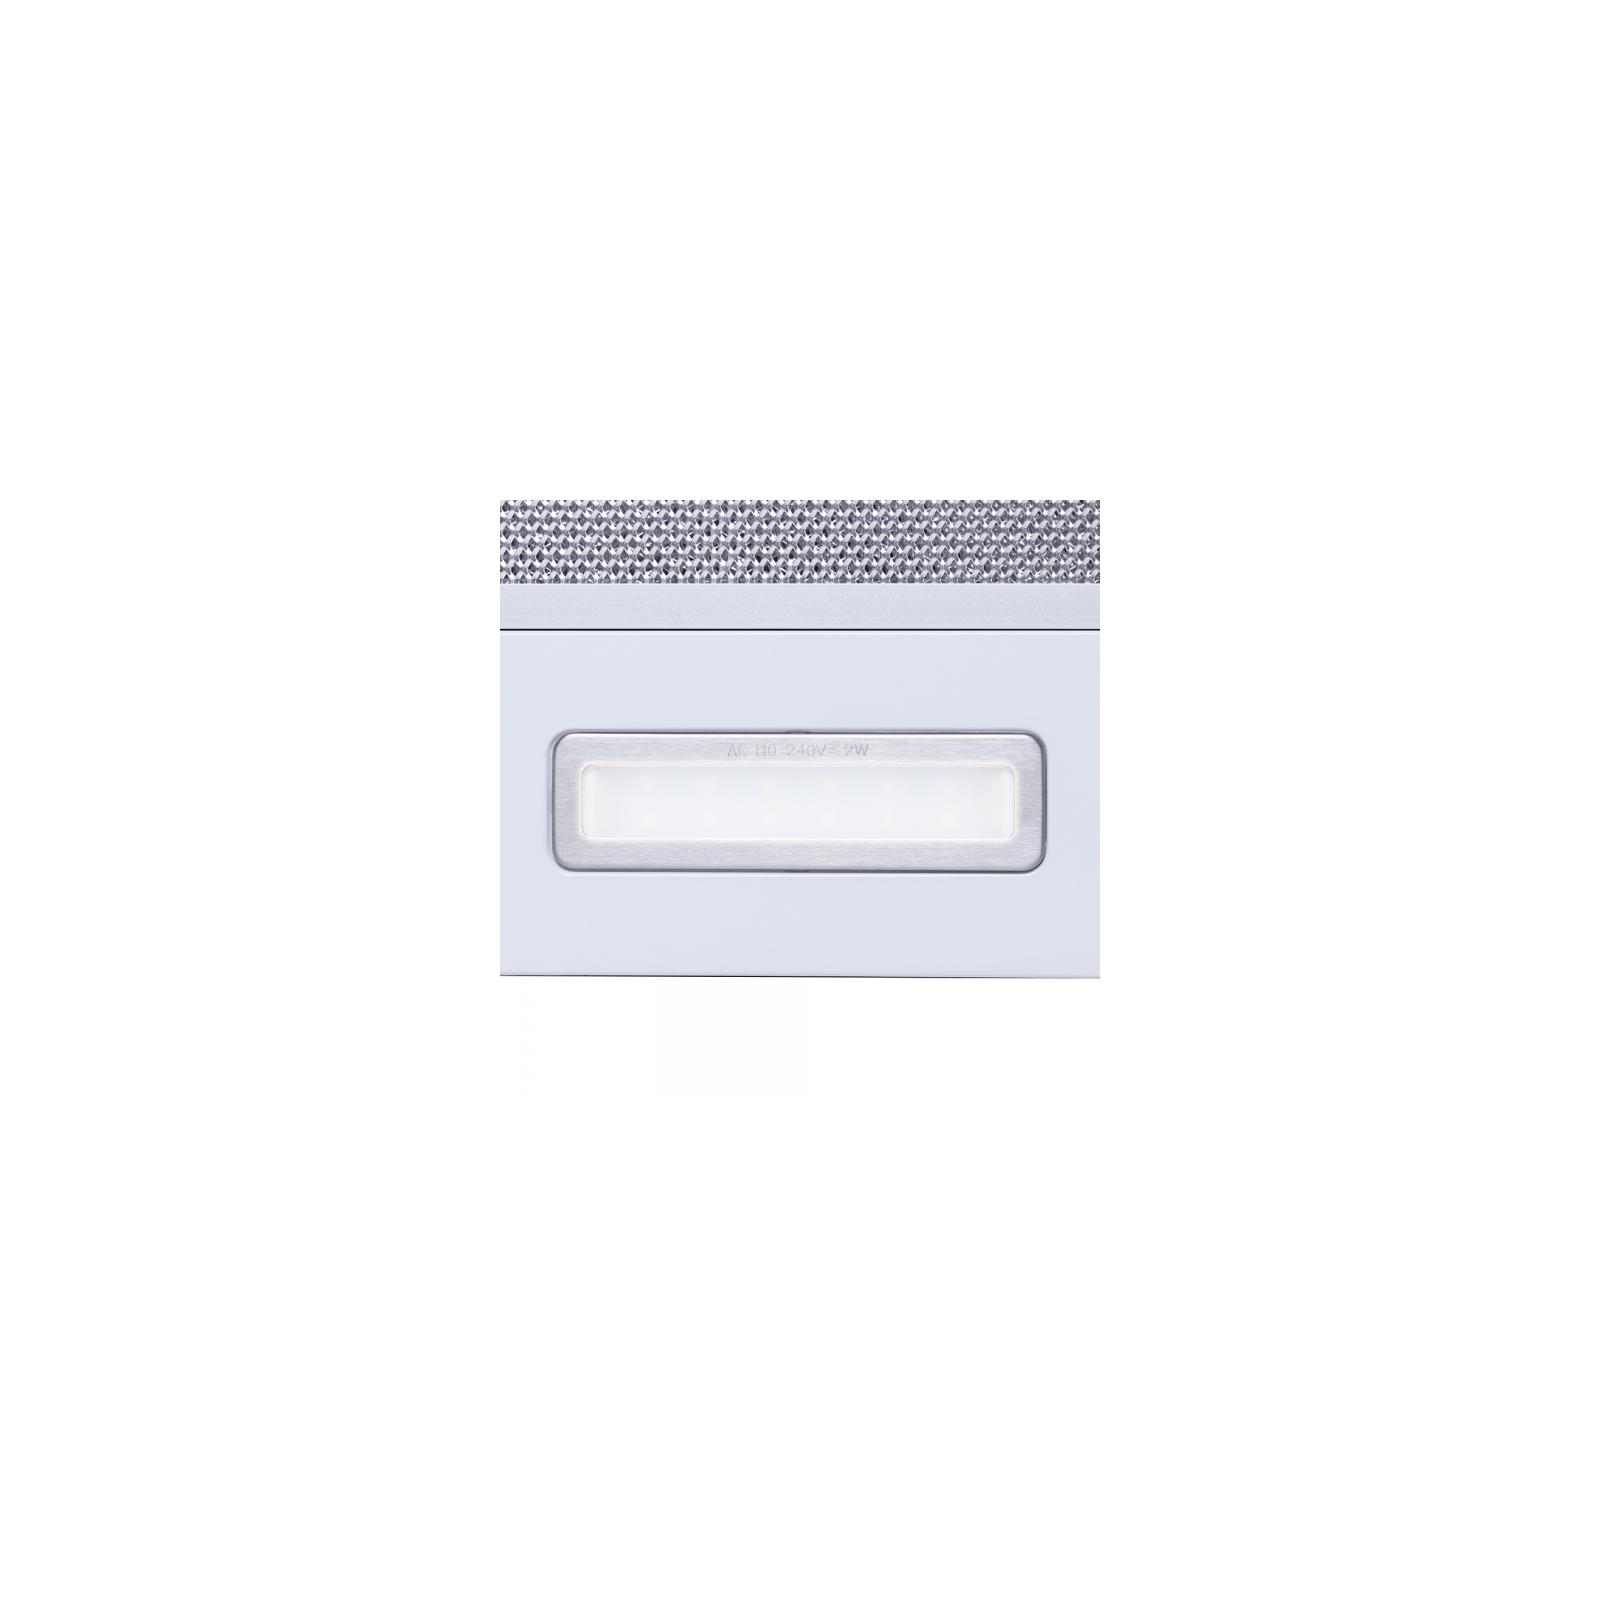 Вытяжка кухонная Minola HTL 5314 WH 750 LED изображение 9